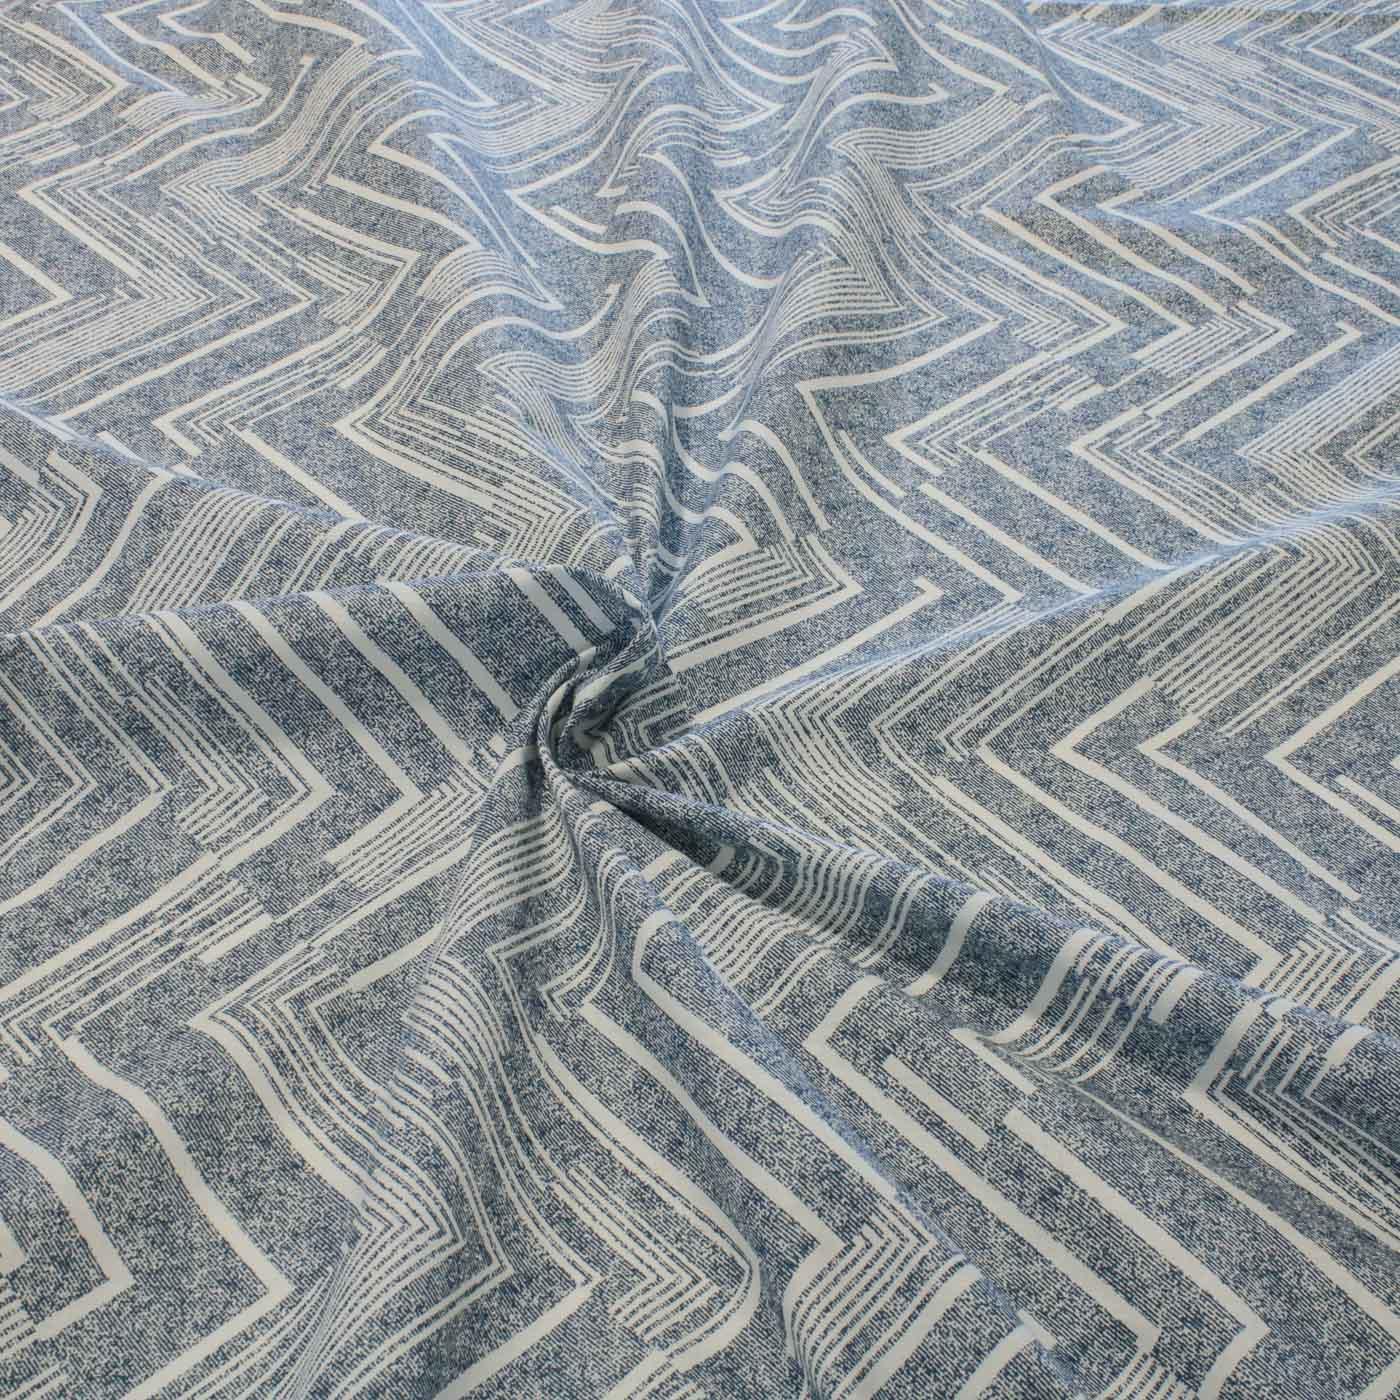 Tecido Percal Estampado Geometrico 2,55 m Largura Azul Jeans